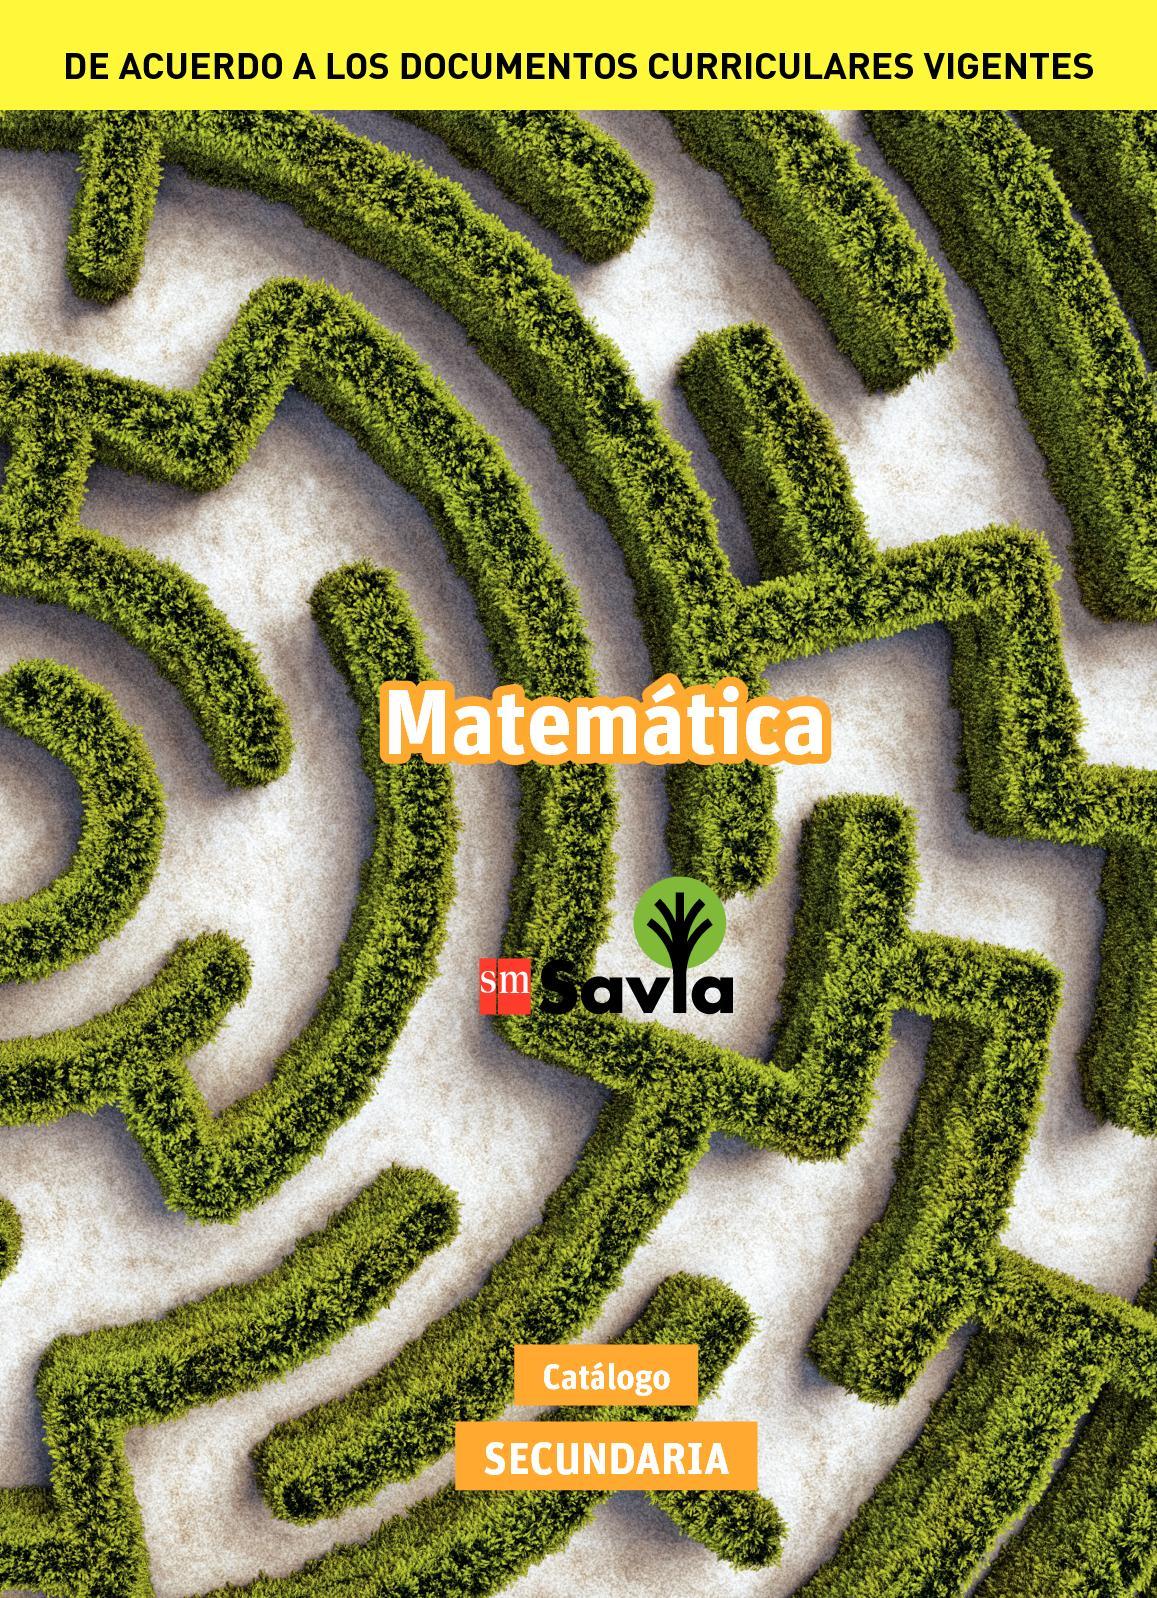 Catálogo Savia Secundaria - Matemática